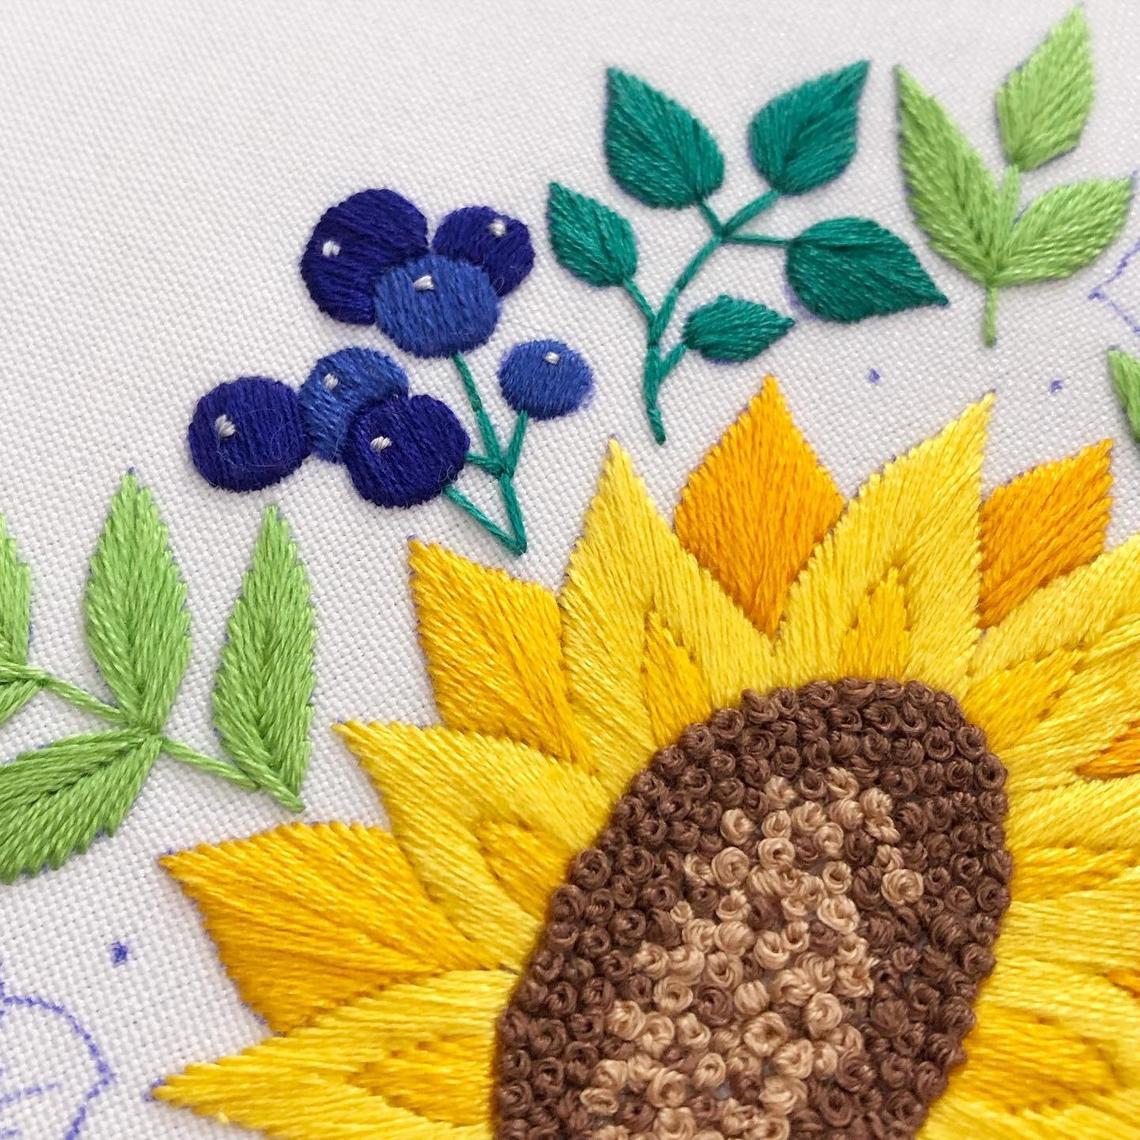 Hướng dẫn thêu hoa hướng dương - Hình 4